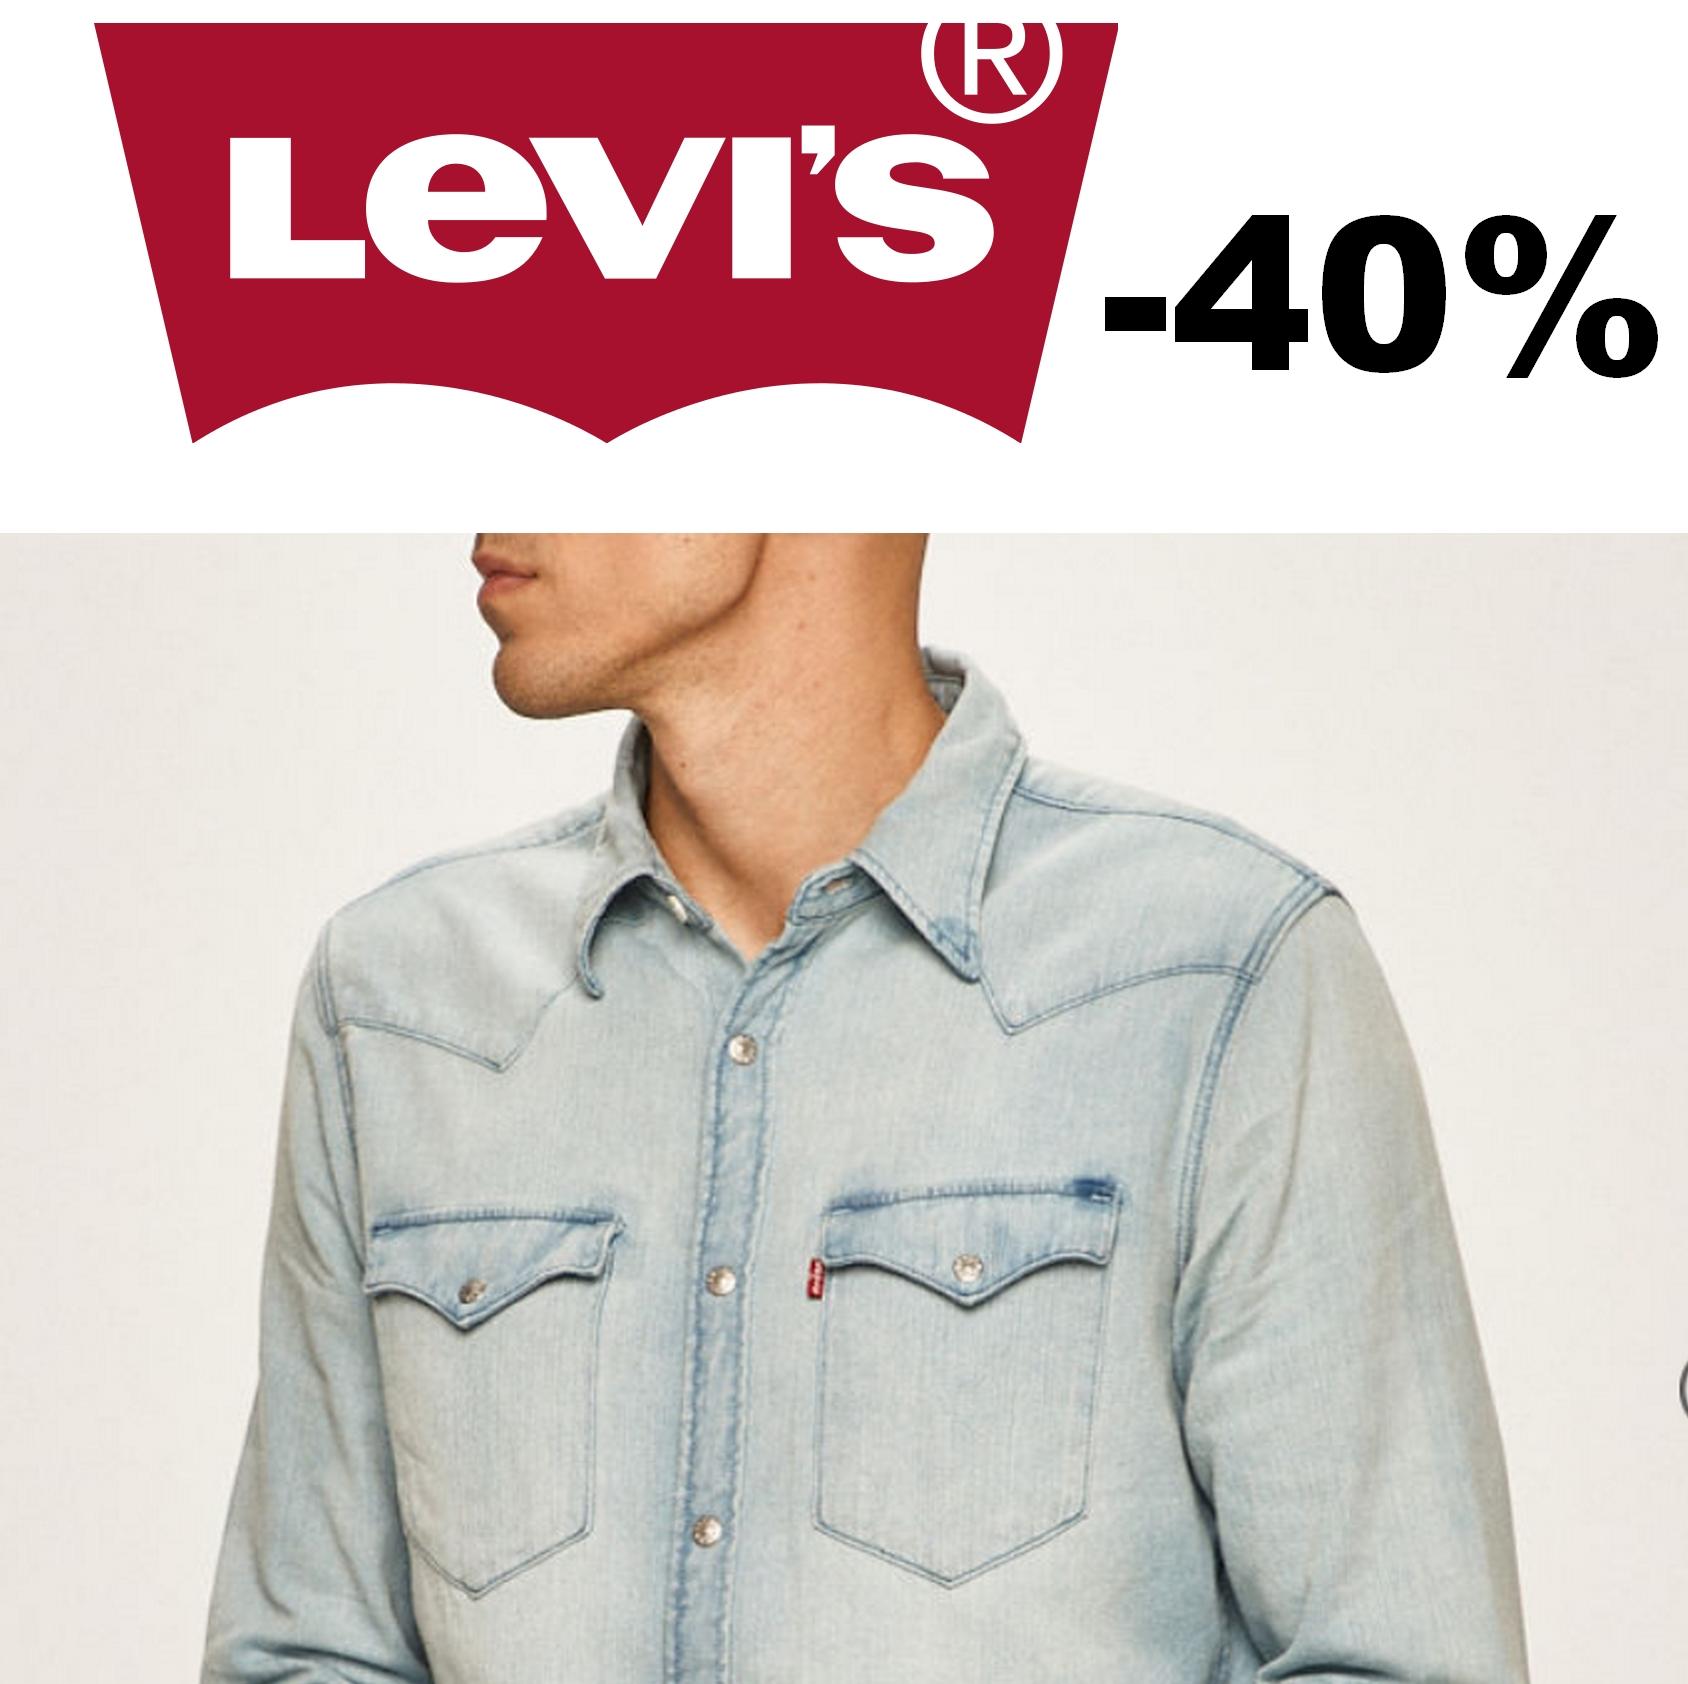 Levi's - zestawienie męskiej odzieży do -50% taniej oraz -50zł w aplikacji